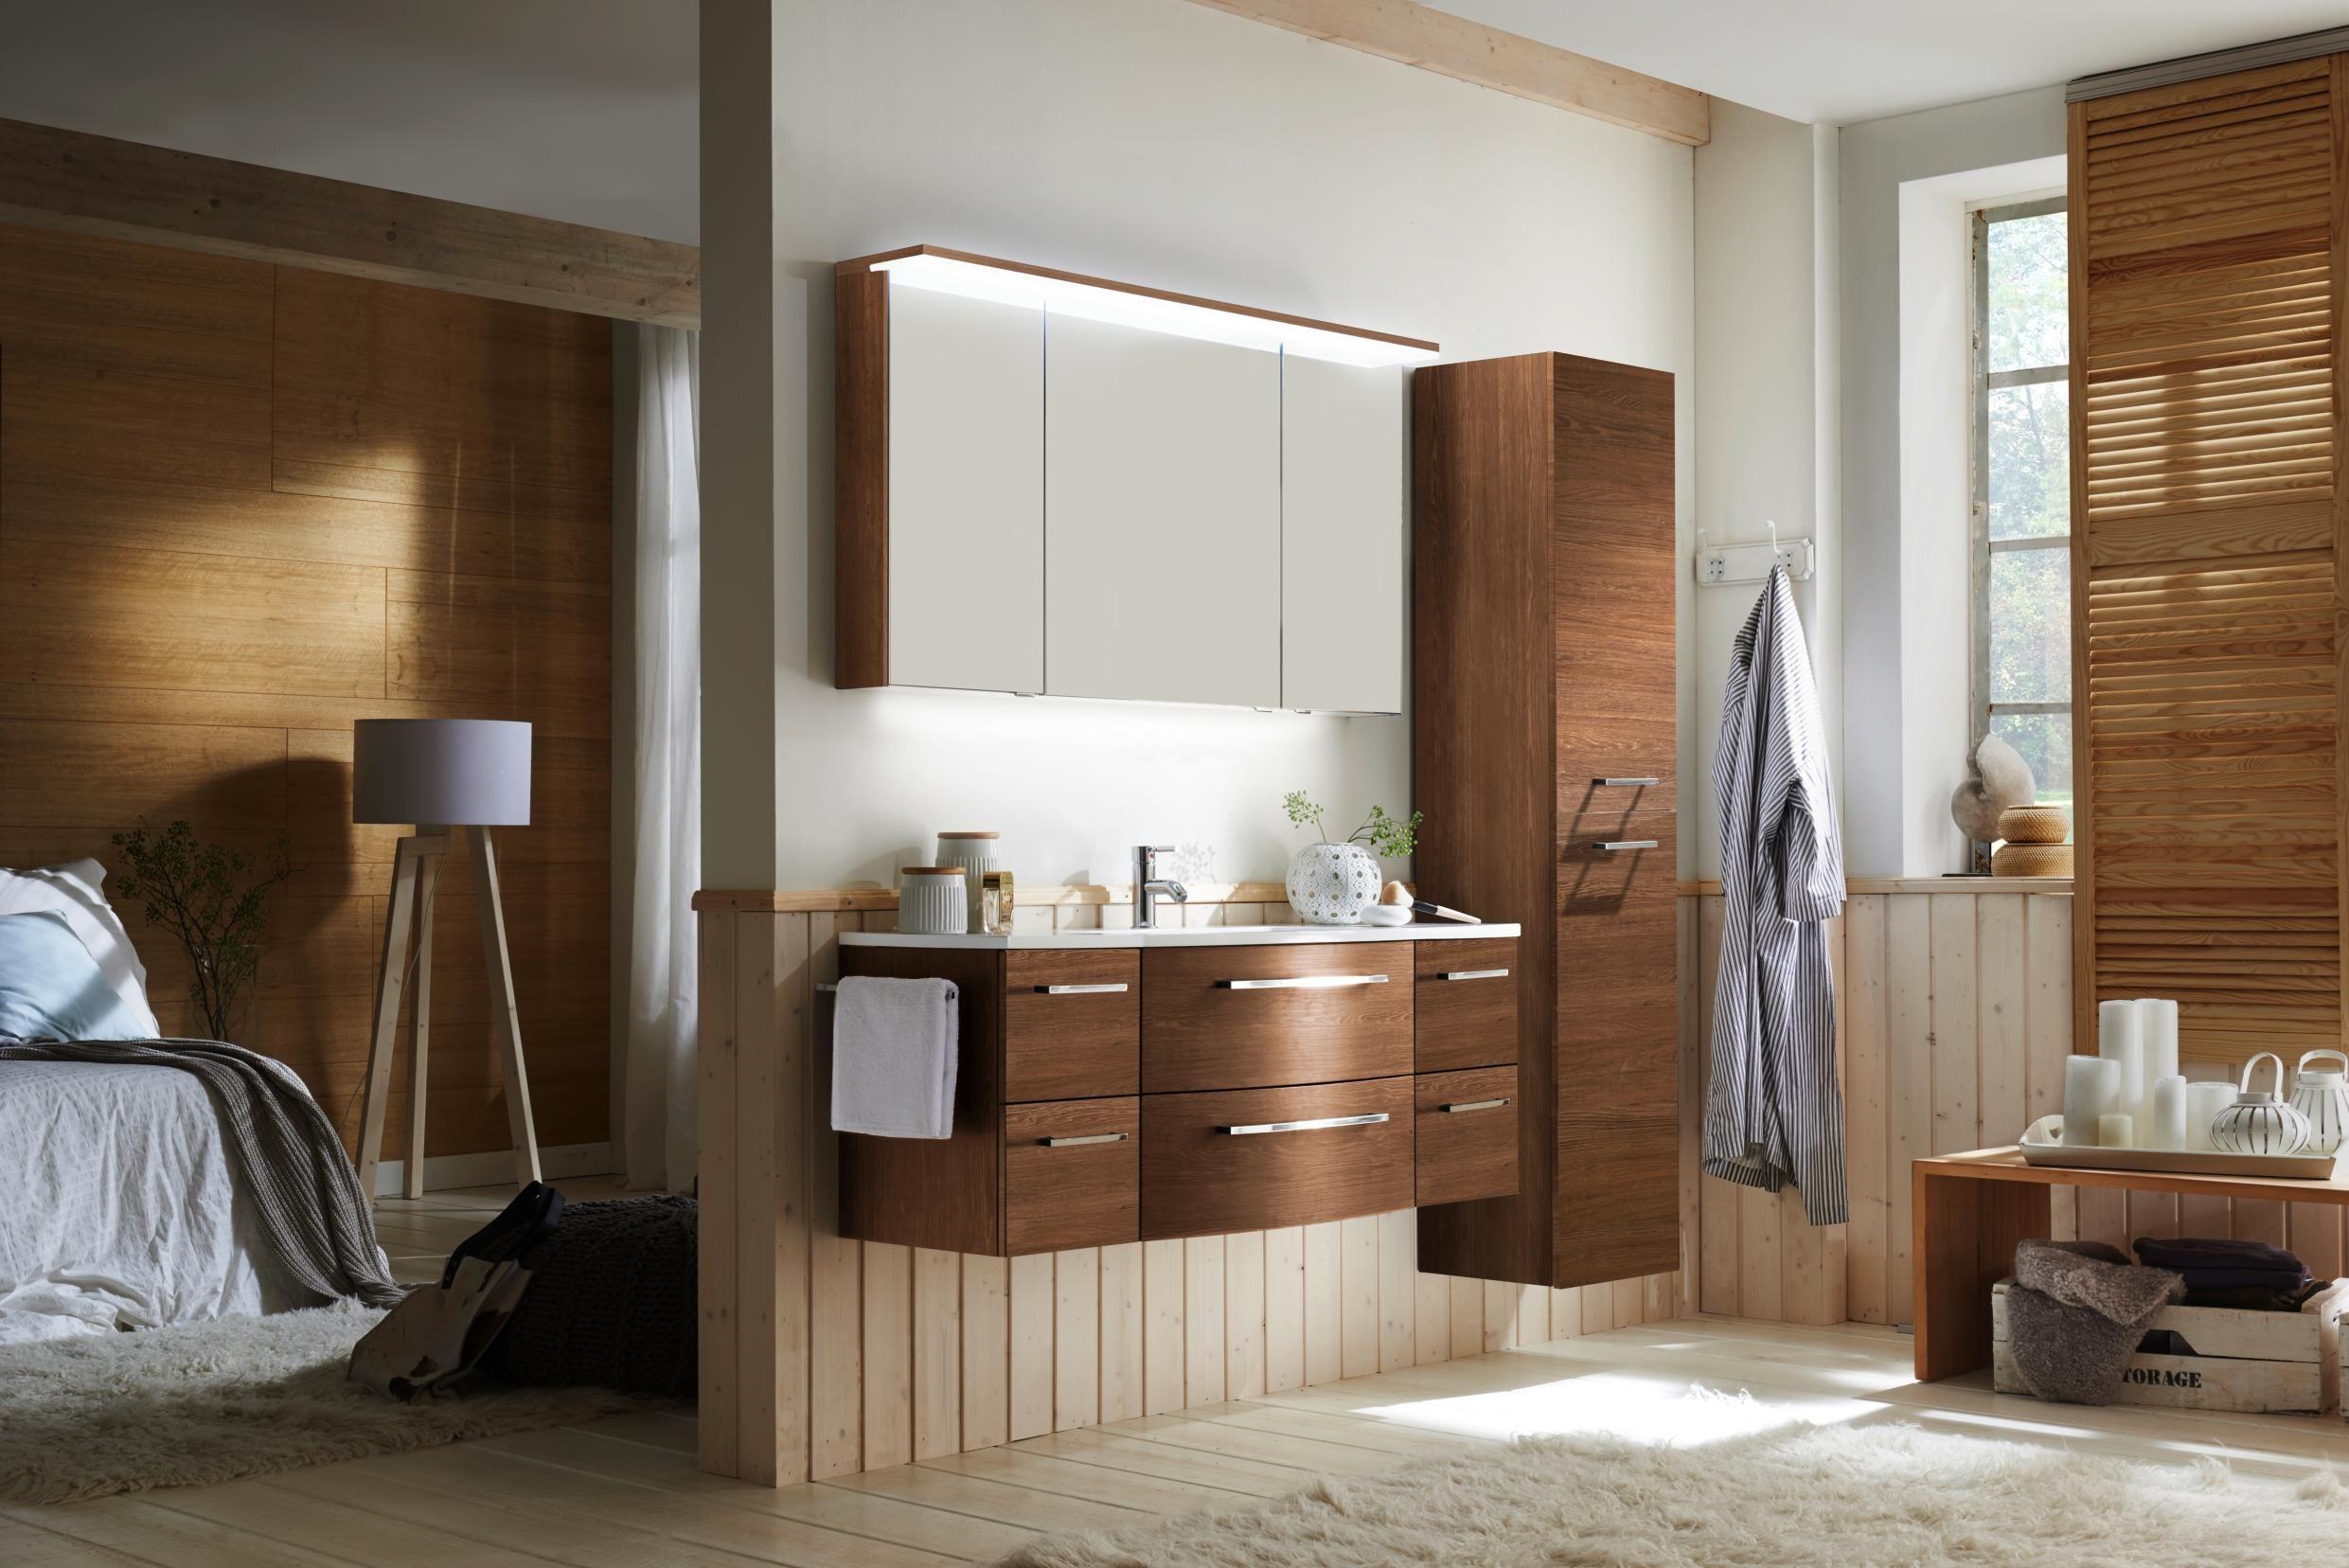 hochwertige einrichtung so wird ihr bad zur wellness. Black Bedroom Furniture Sets. Home Design Ideas